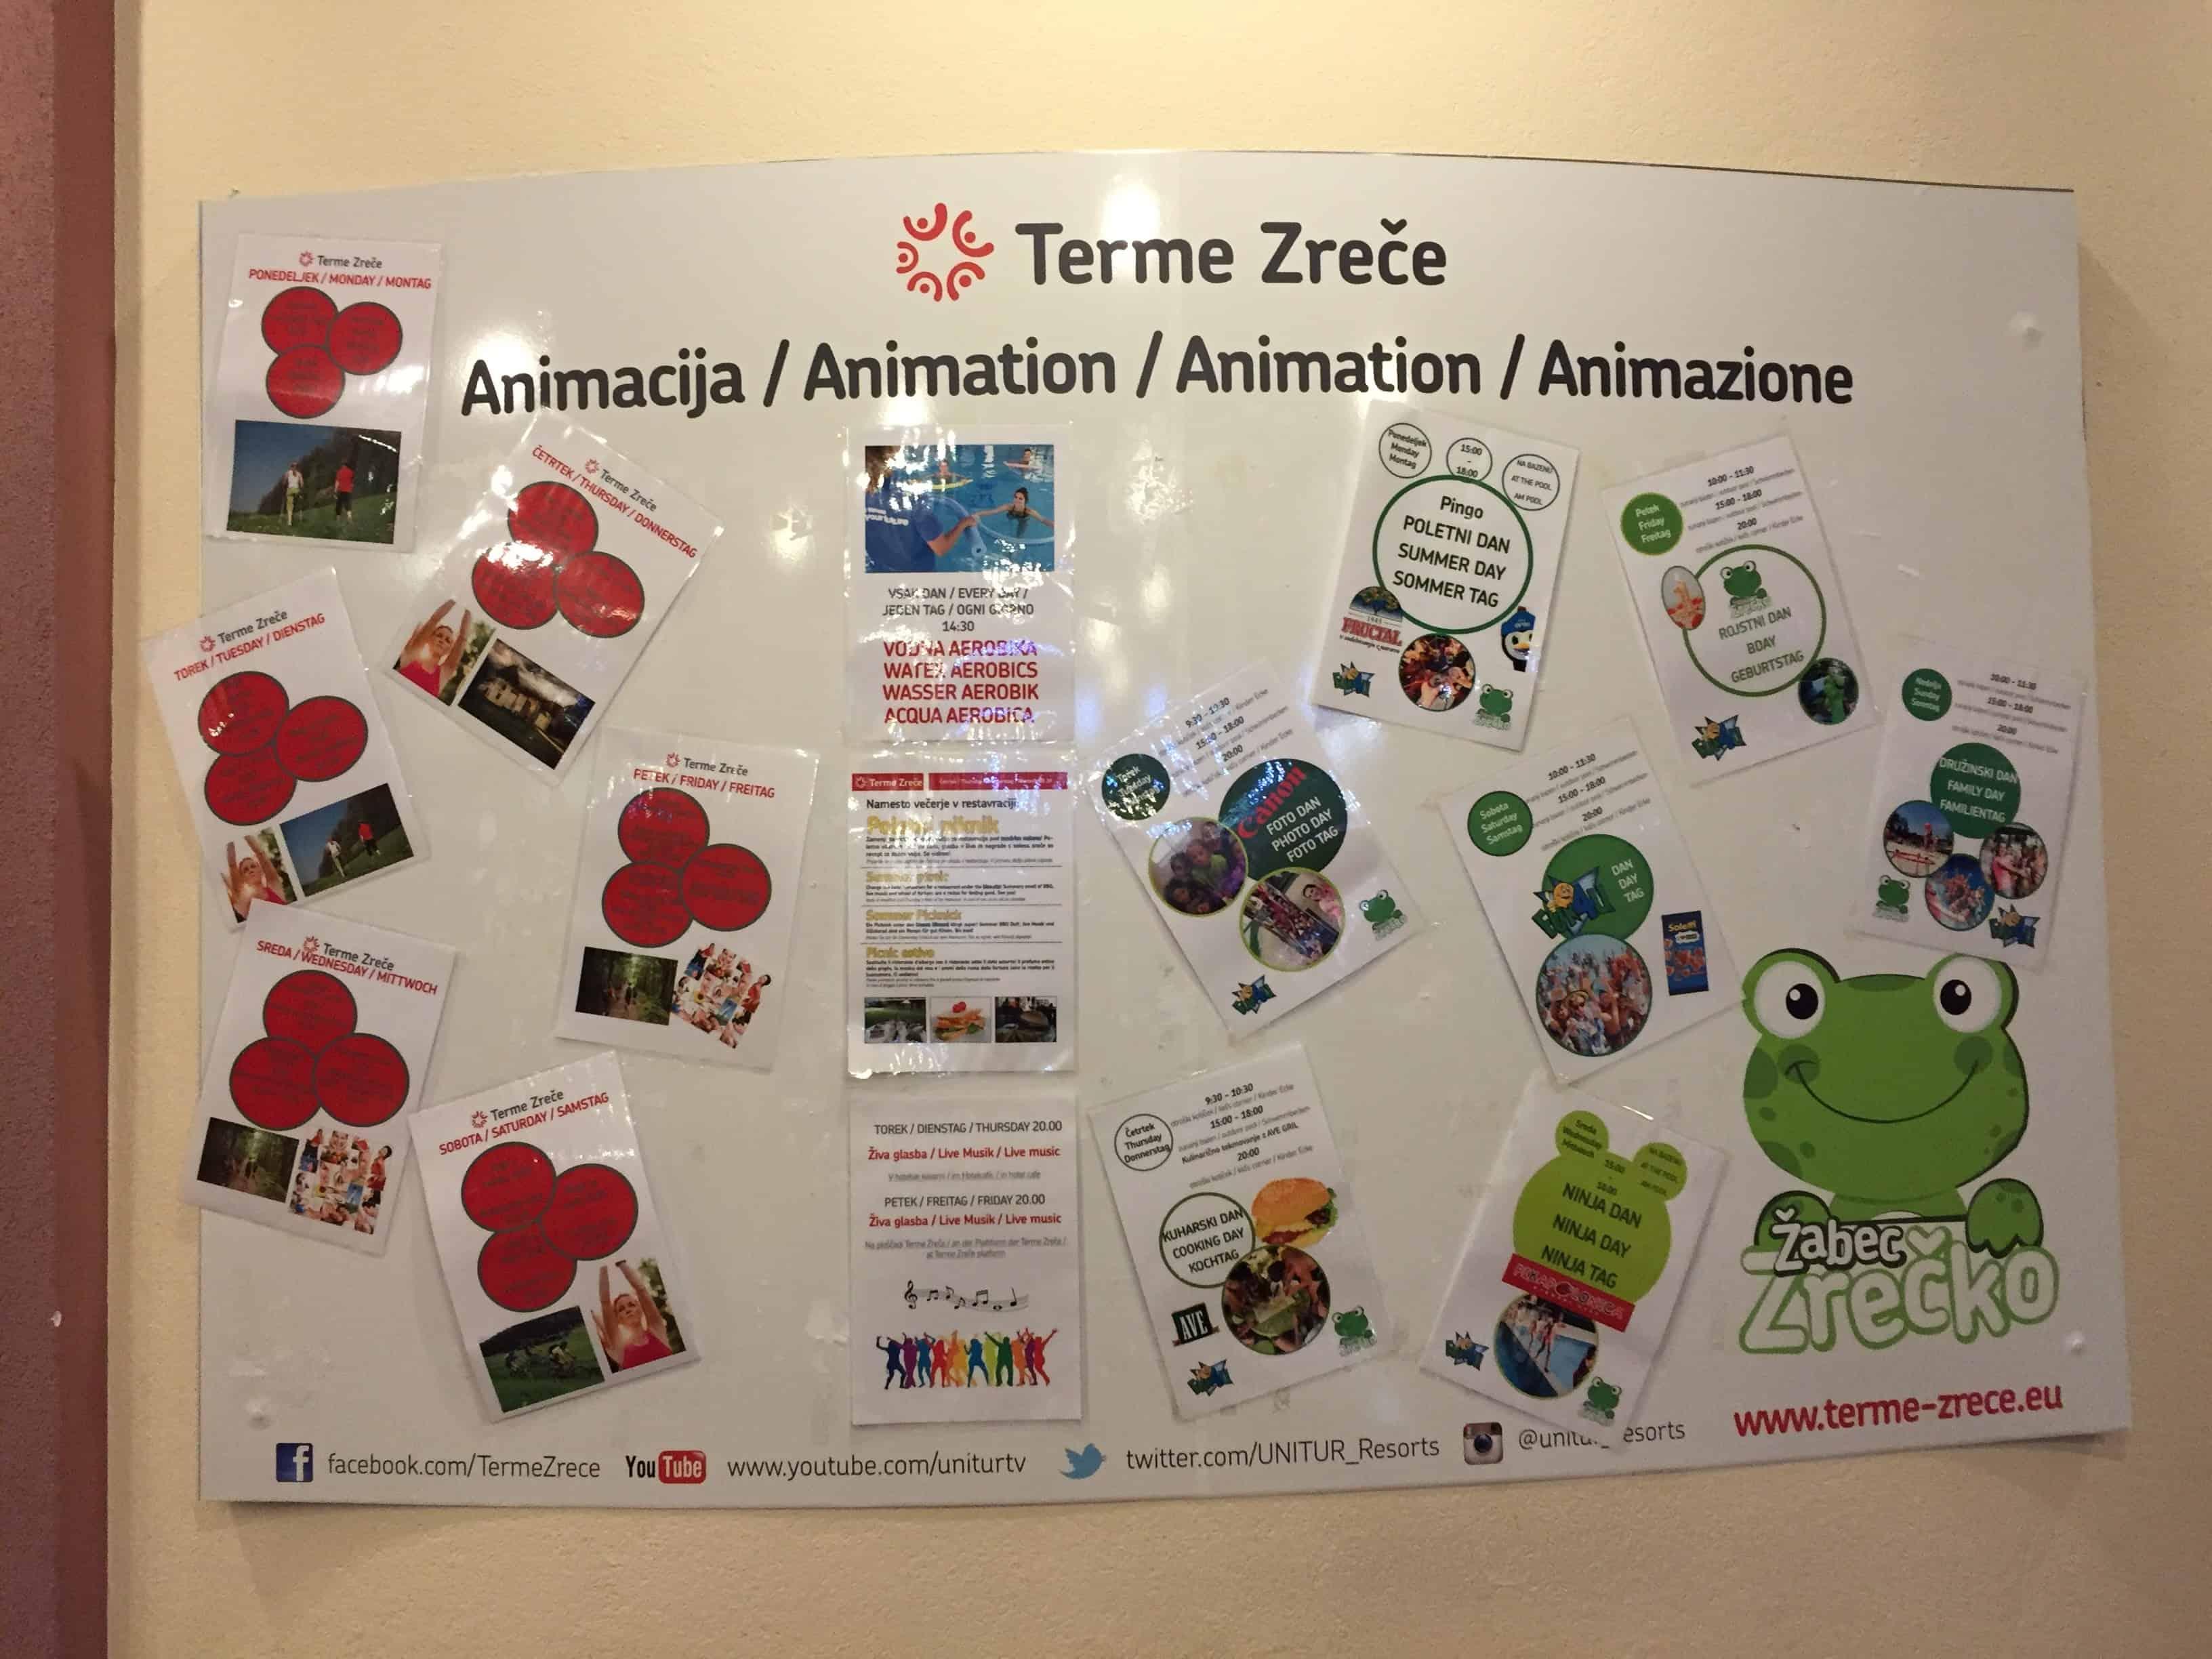 Poleg animacije za otroke, je pri recepciji hotela tudi manjše notranje otroško igrišče, Terme Zreče